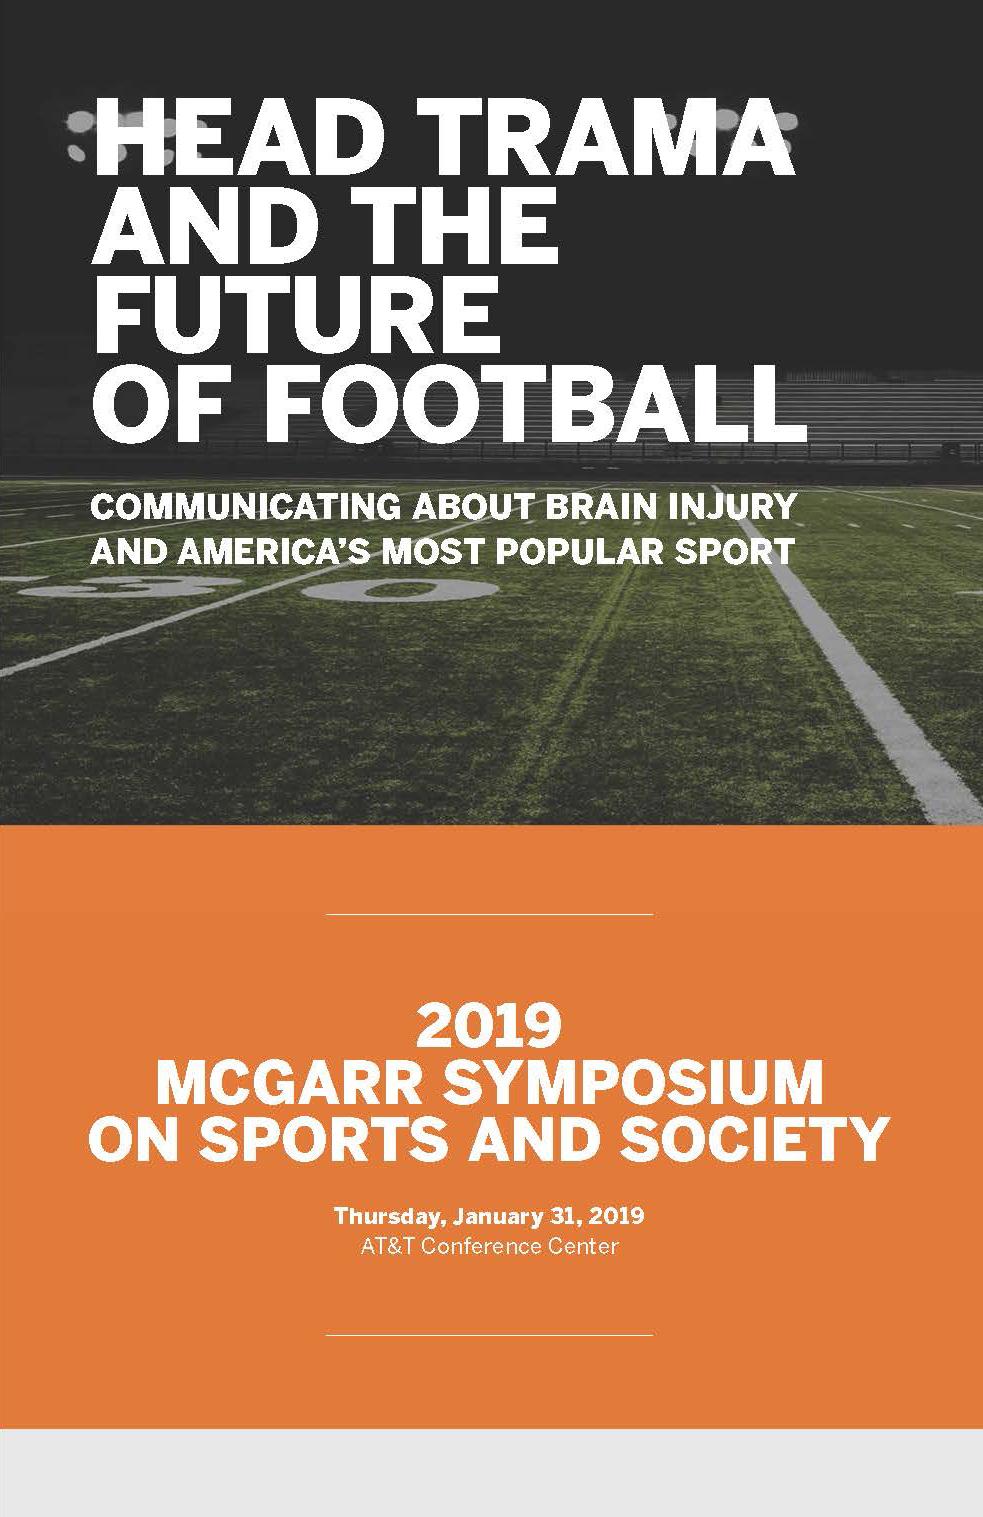 mcgarr symposium program